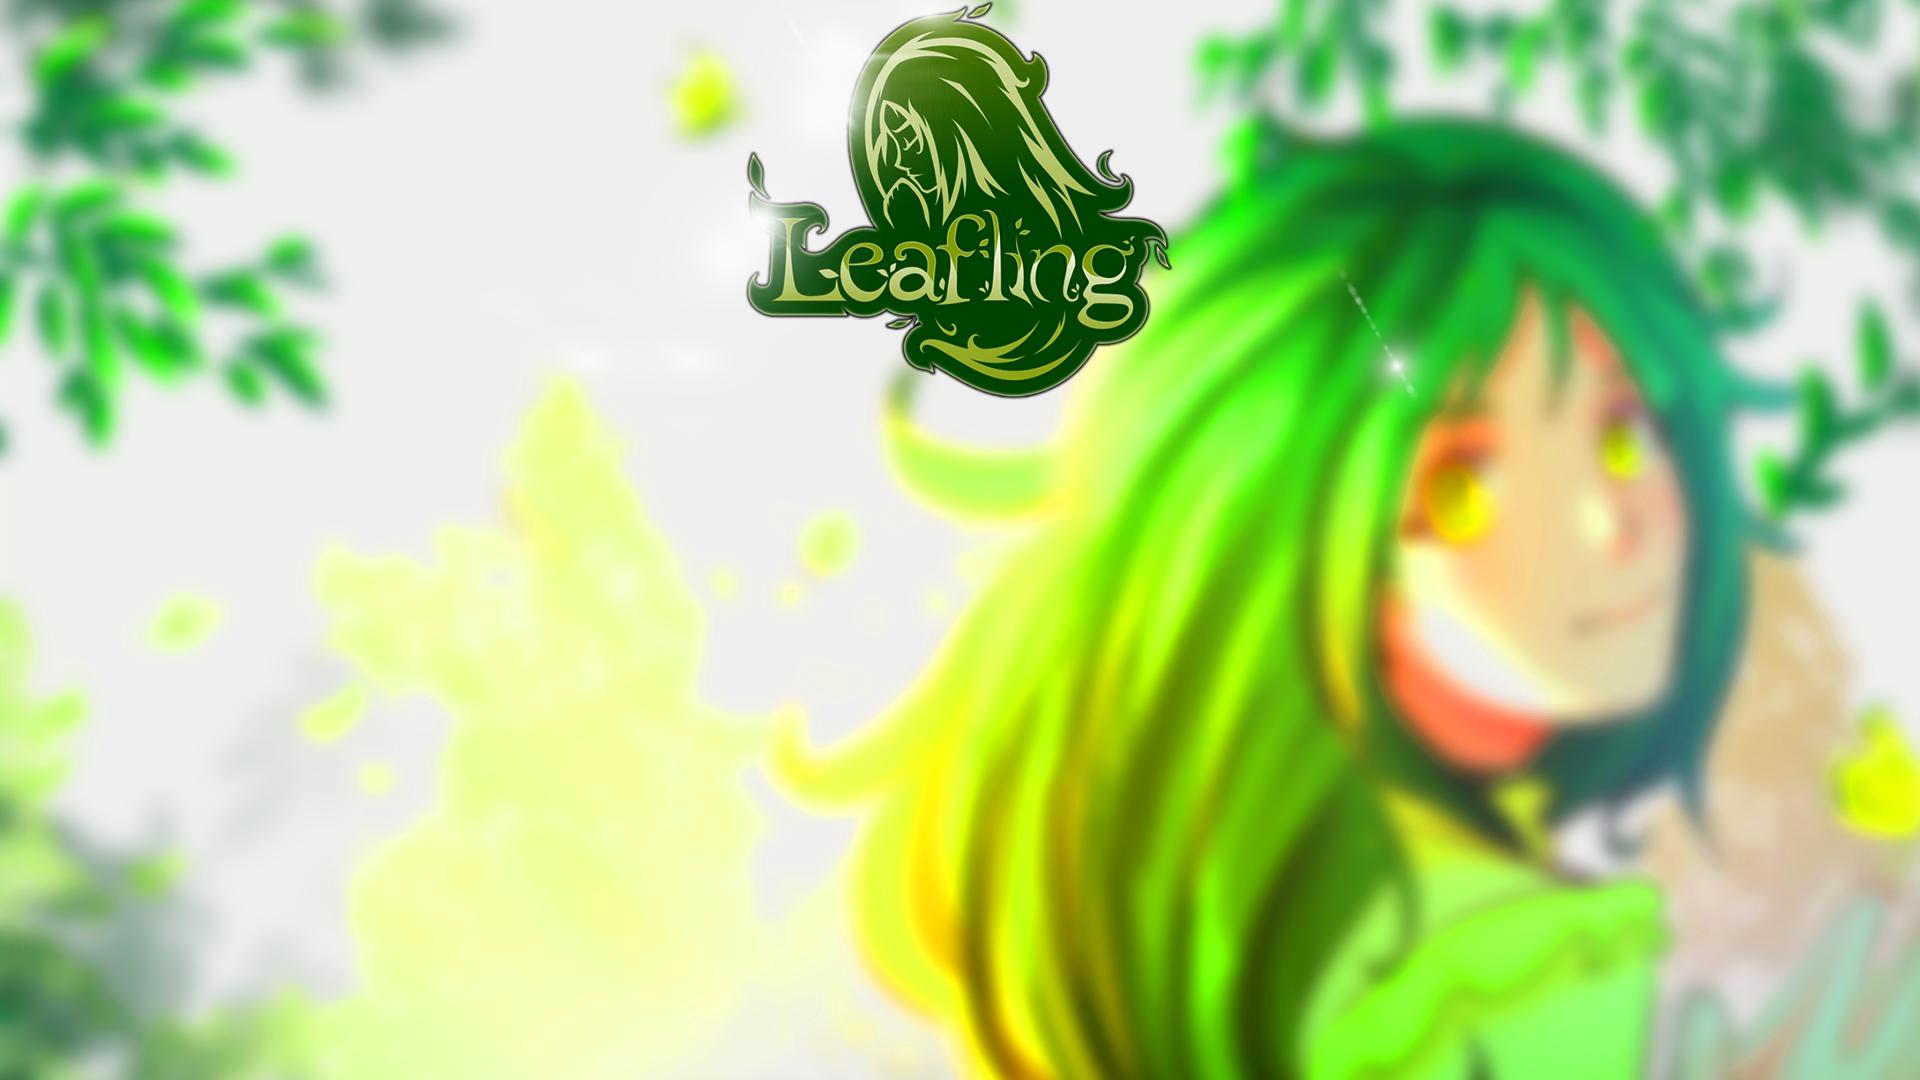 Leafling Online